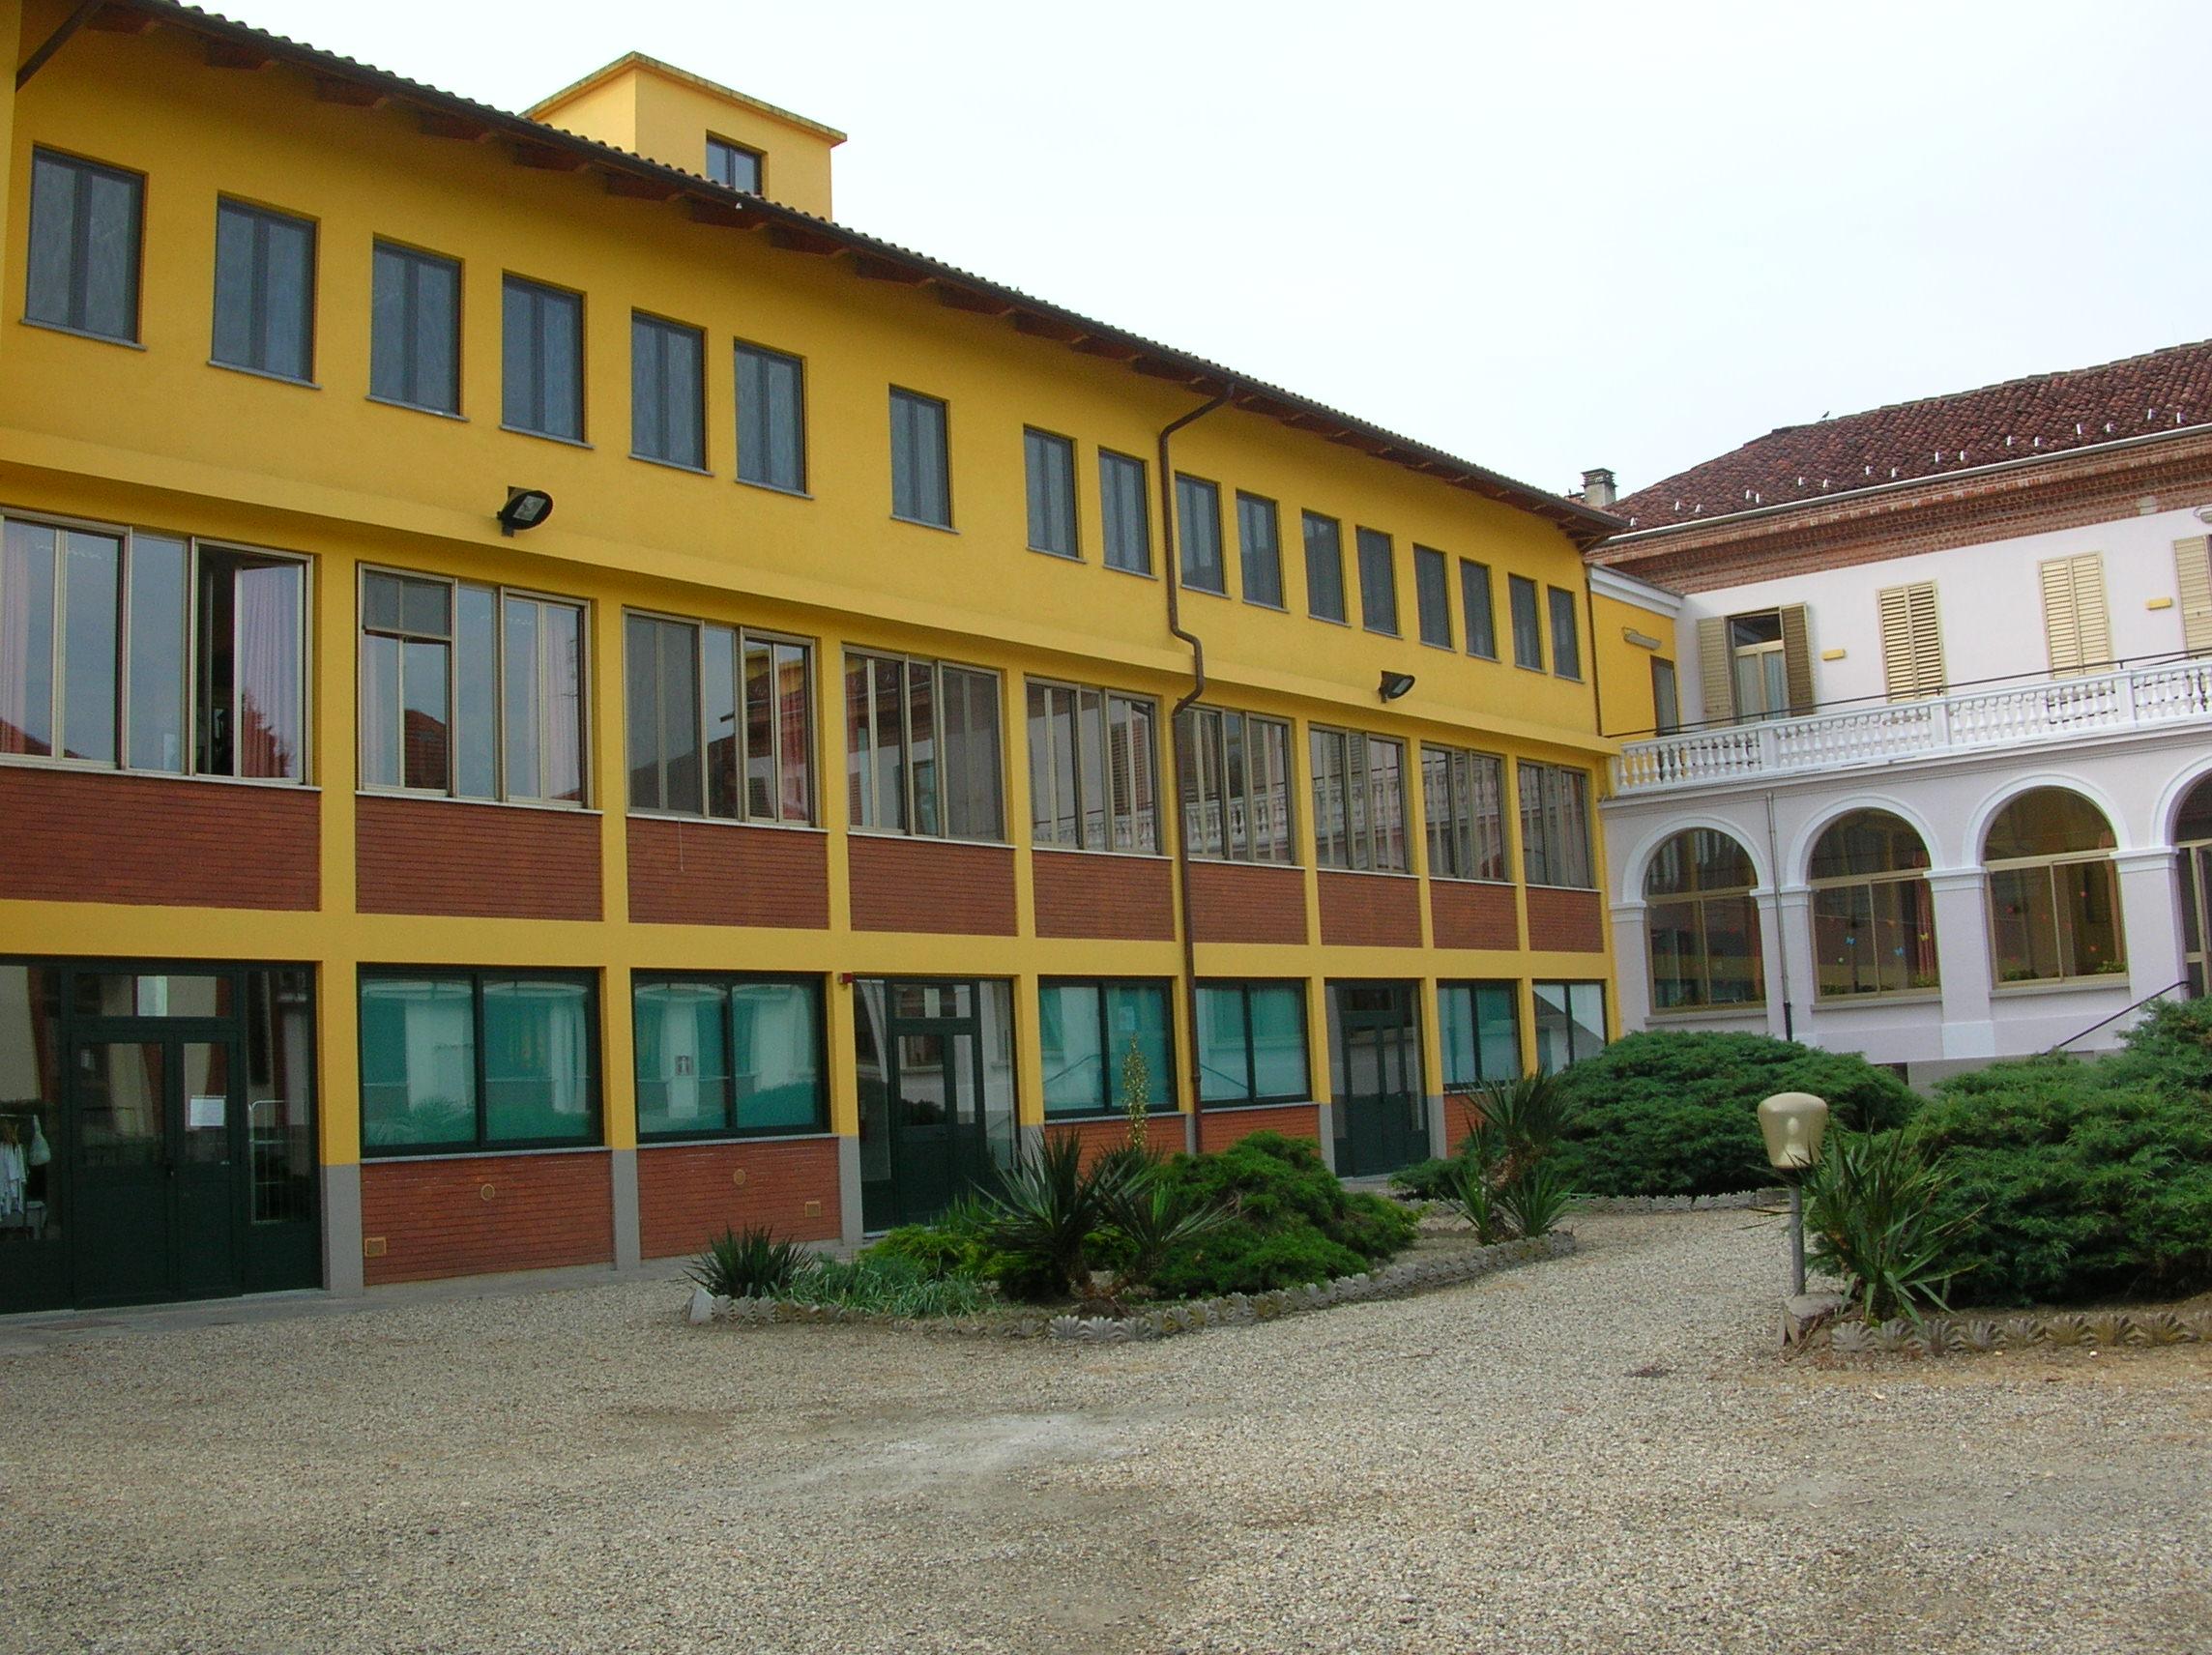 La struttura si trova in Via Pinerolo, 61 a Pancalieri